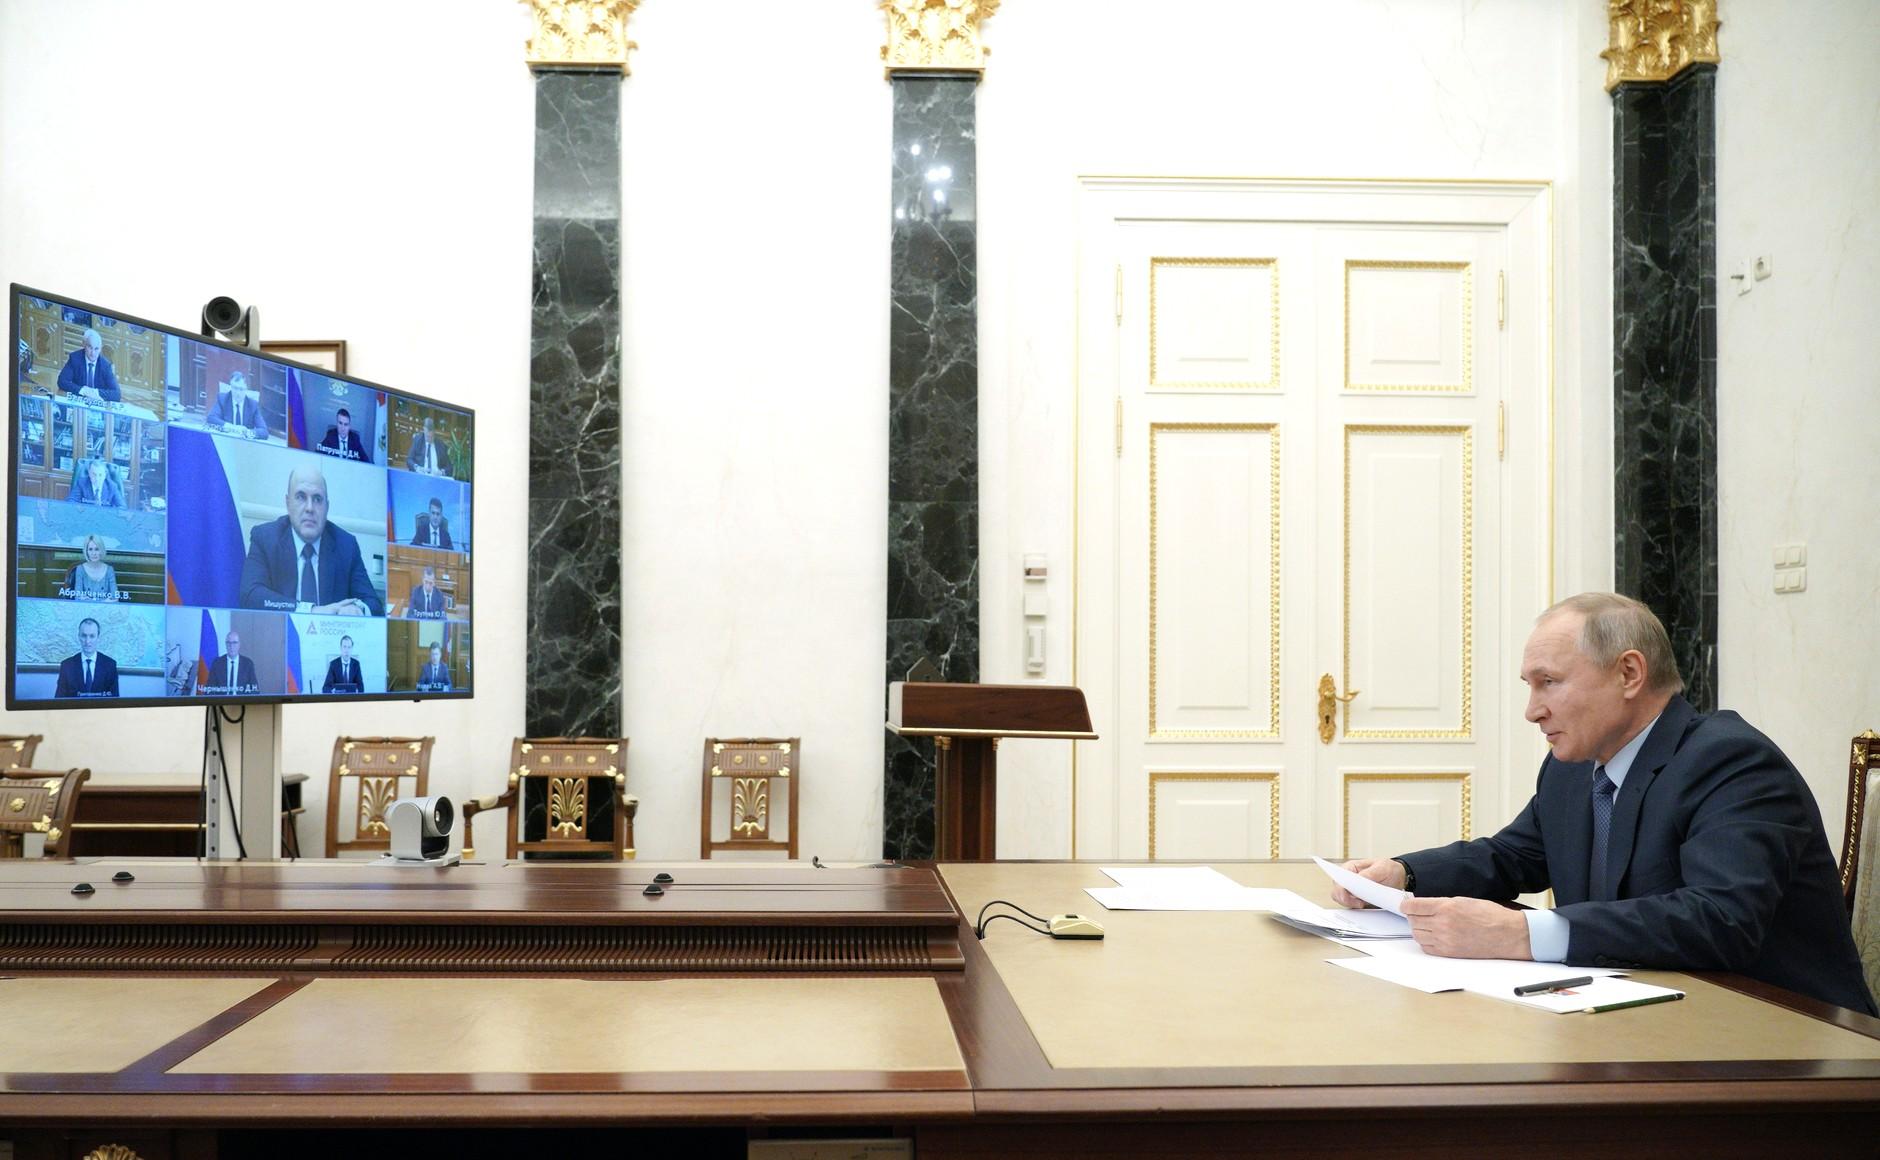 le 10 MARS 2021 KREMLIN 1 XX 2 Lors d'une réunion avec des membres du gouvernement (par vidéoconférence)